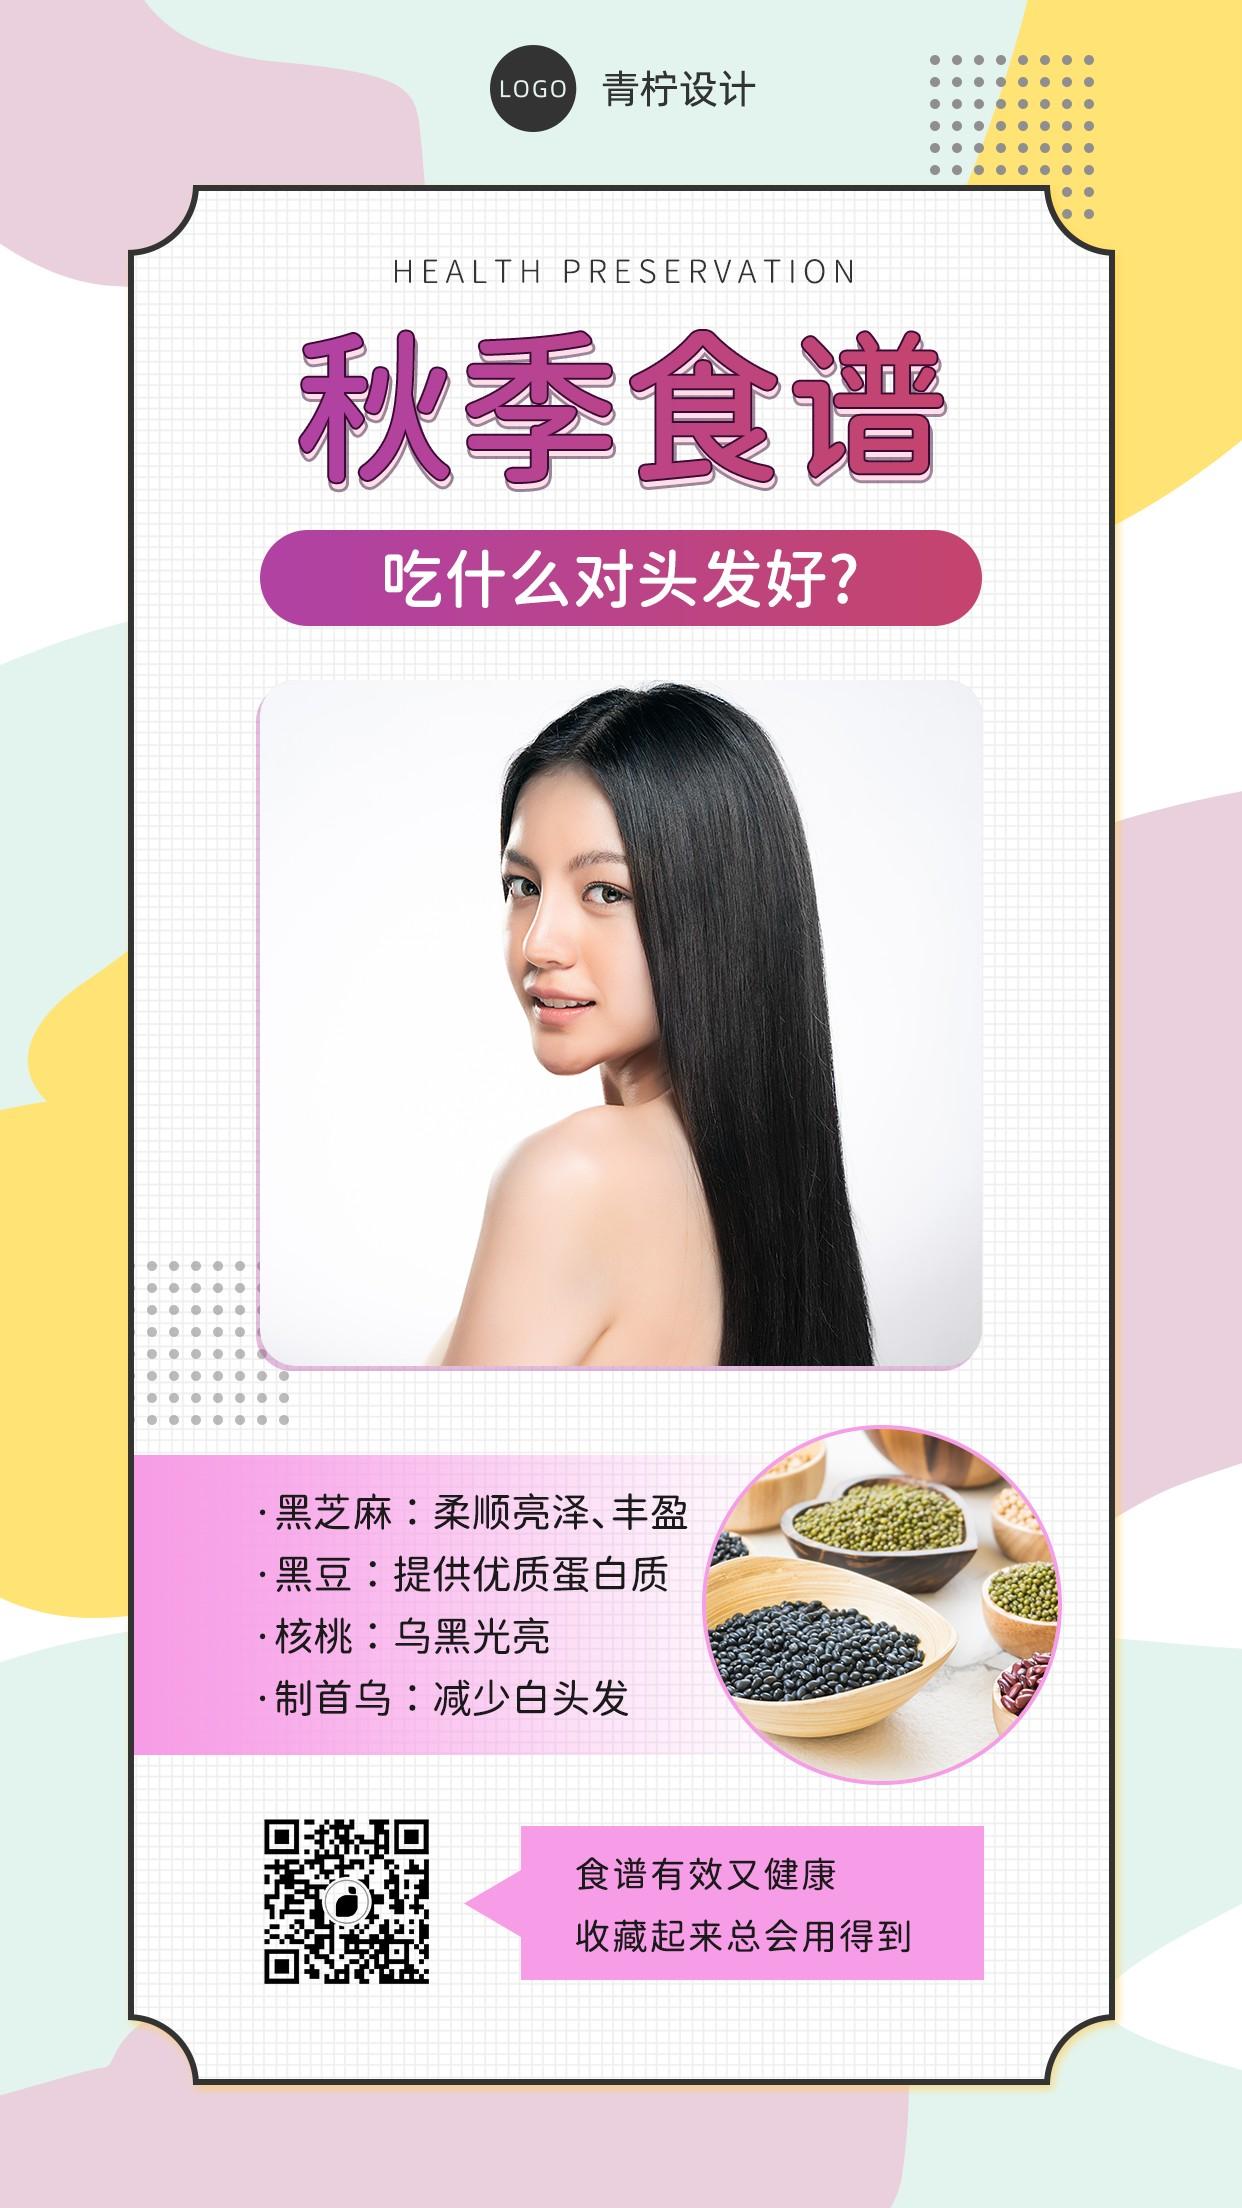 扁平餐饮美食立秋手机海报